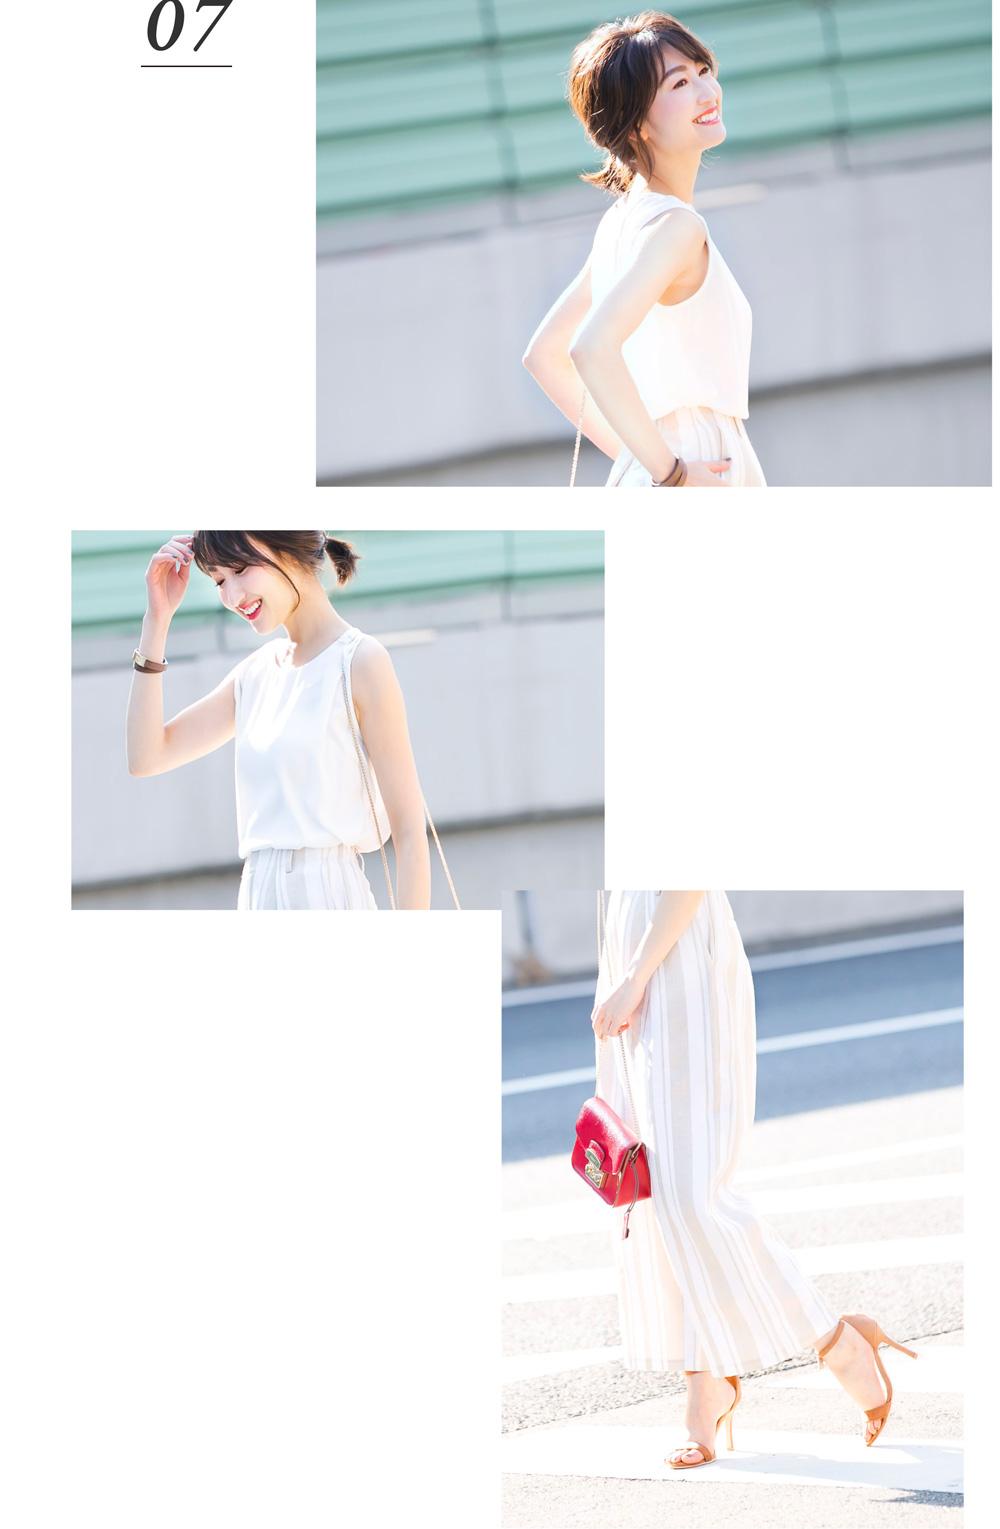 金子麻貴さんがプルオーバーにリネンワイドパンツを合わせたコーデでポージング